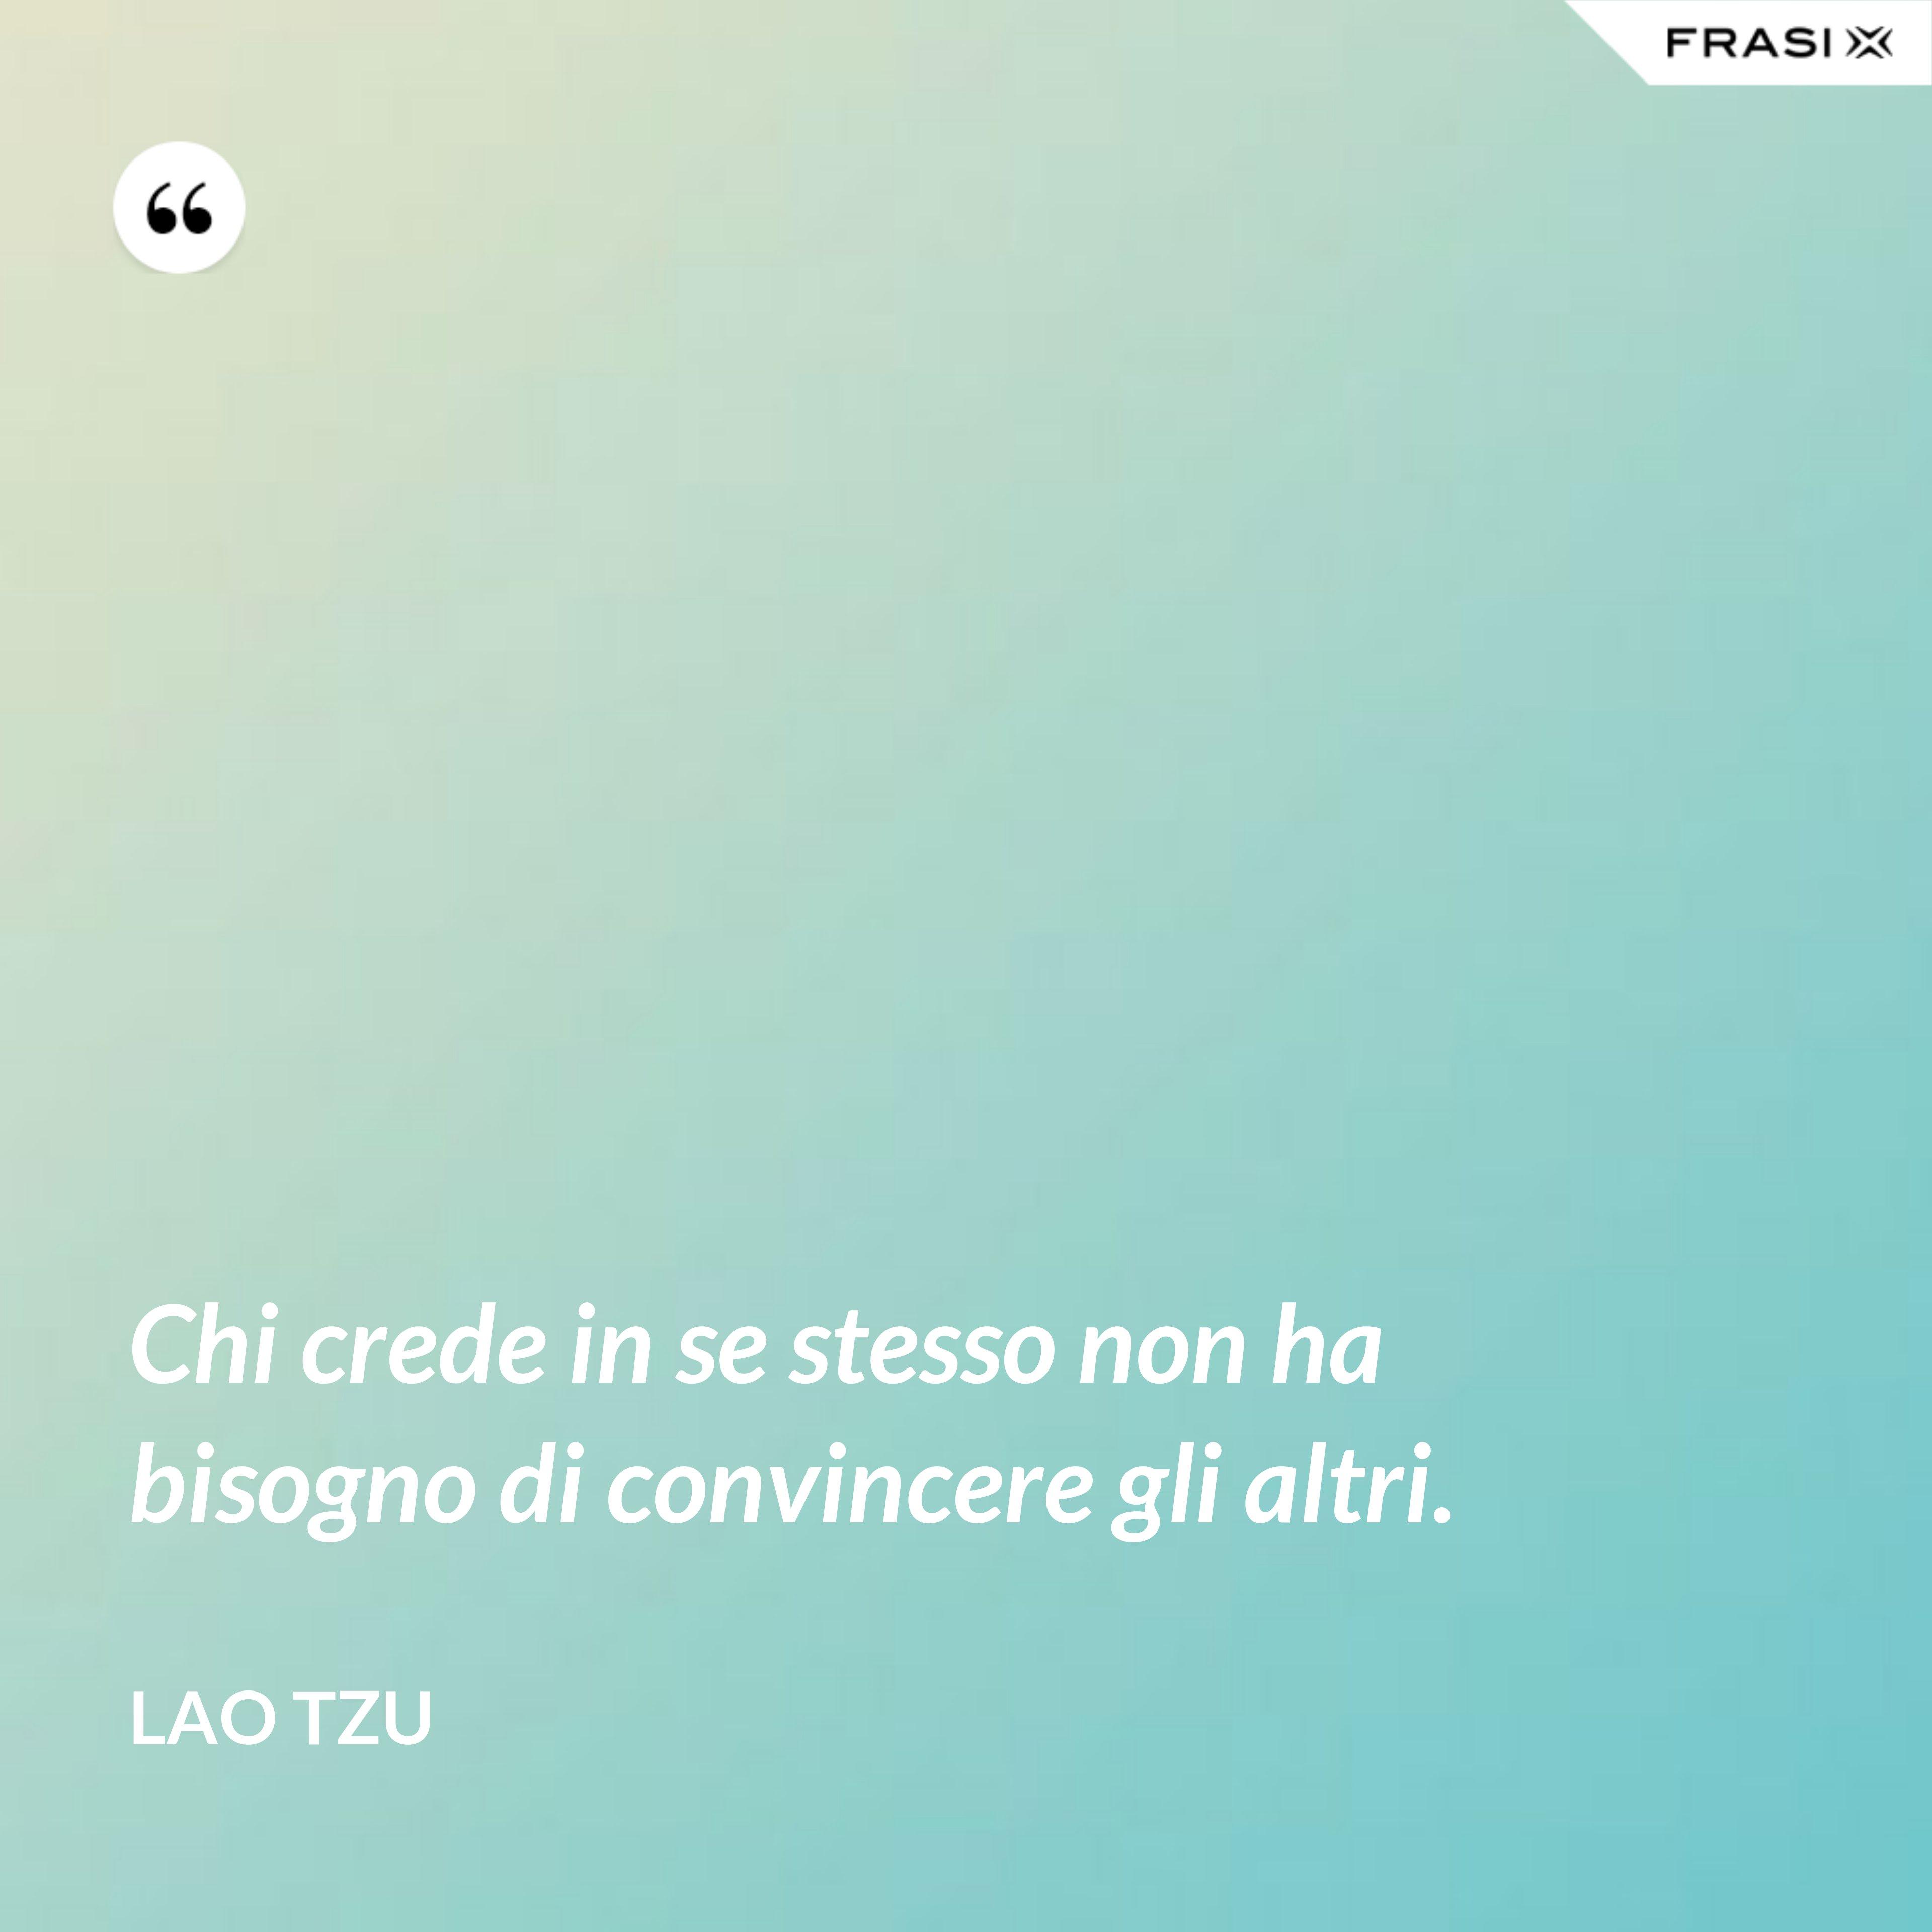 Chi crede in se stesso non ha bisogno di convincere gli altri. - Lao Tzu